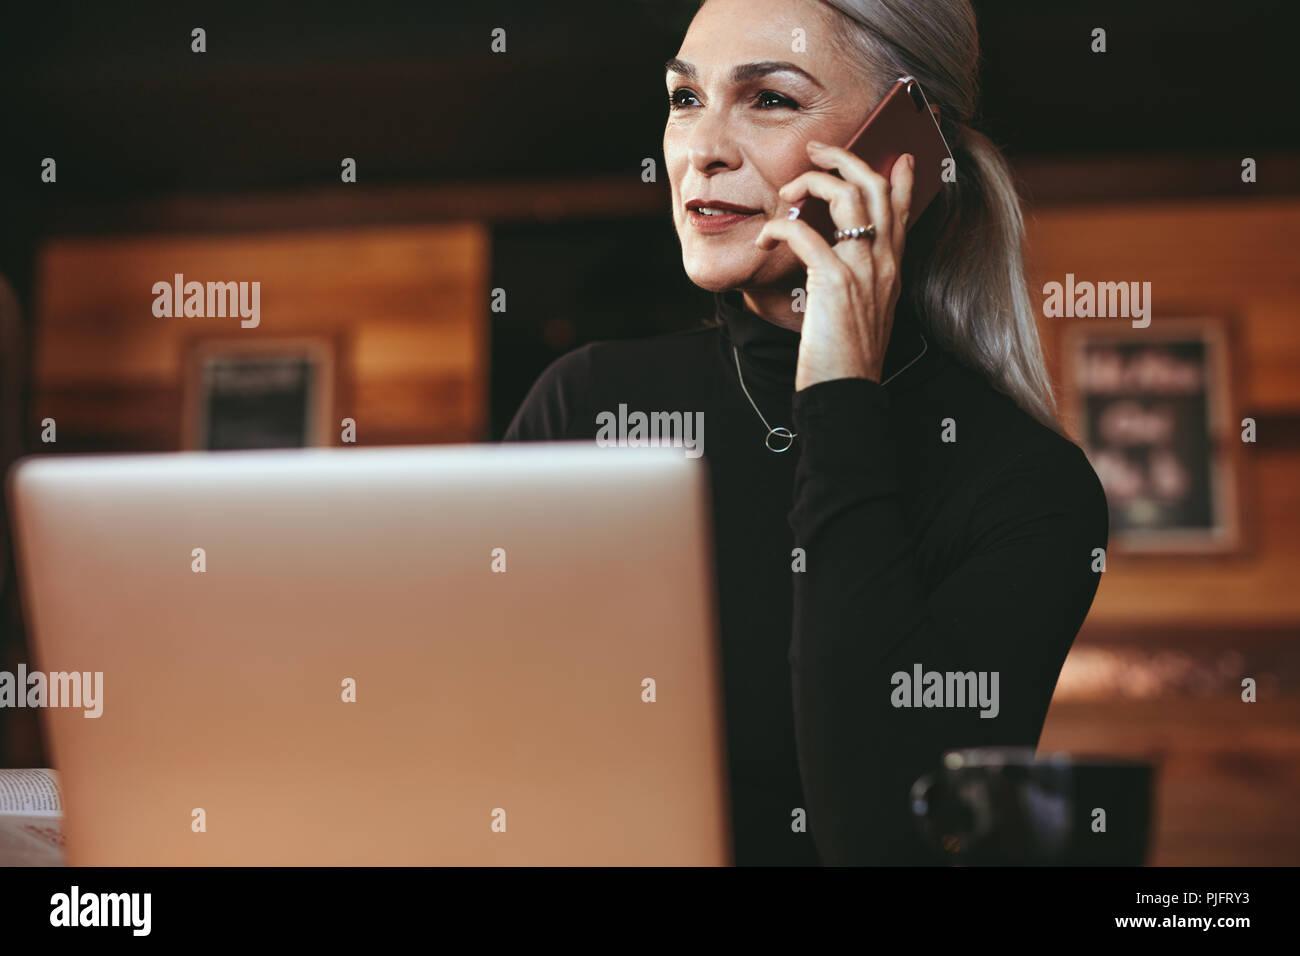 Ritratto di senior bella donna seduta al coffee shop e parlando al cellulare. Imprenditrice rendendo chiamata mentre è seduto presso il cafe. Foto Stock